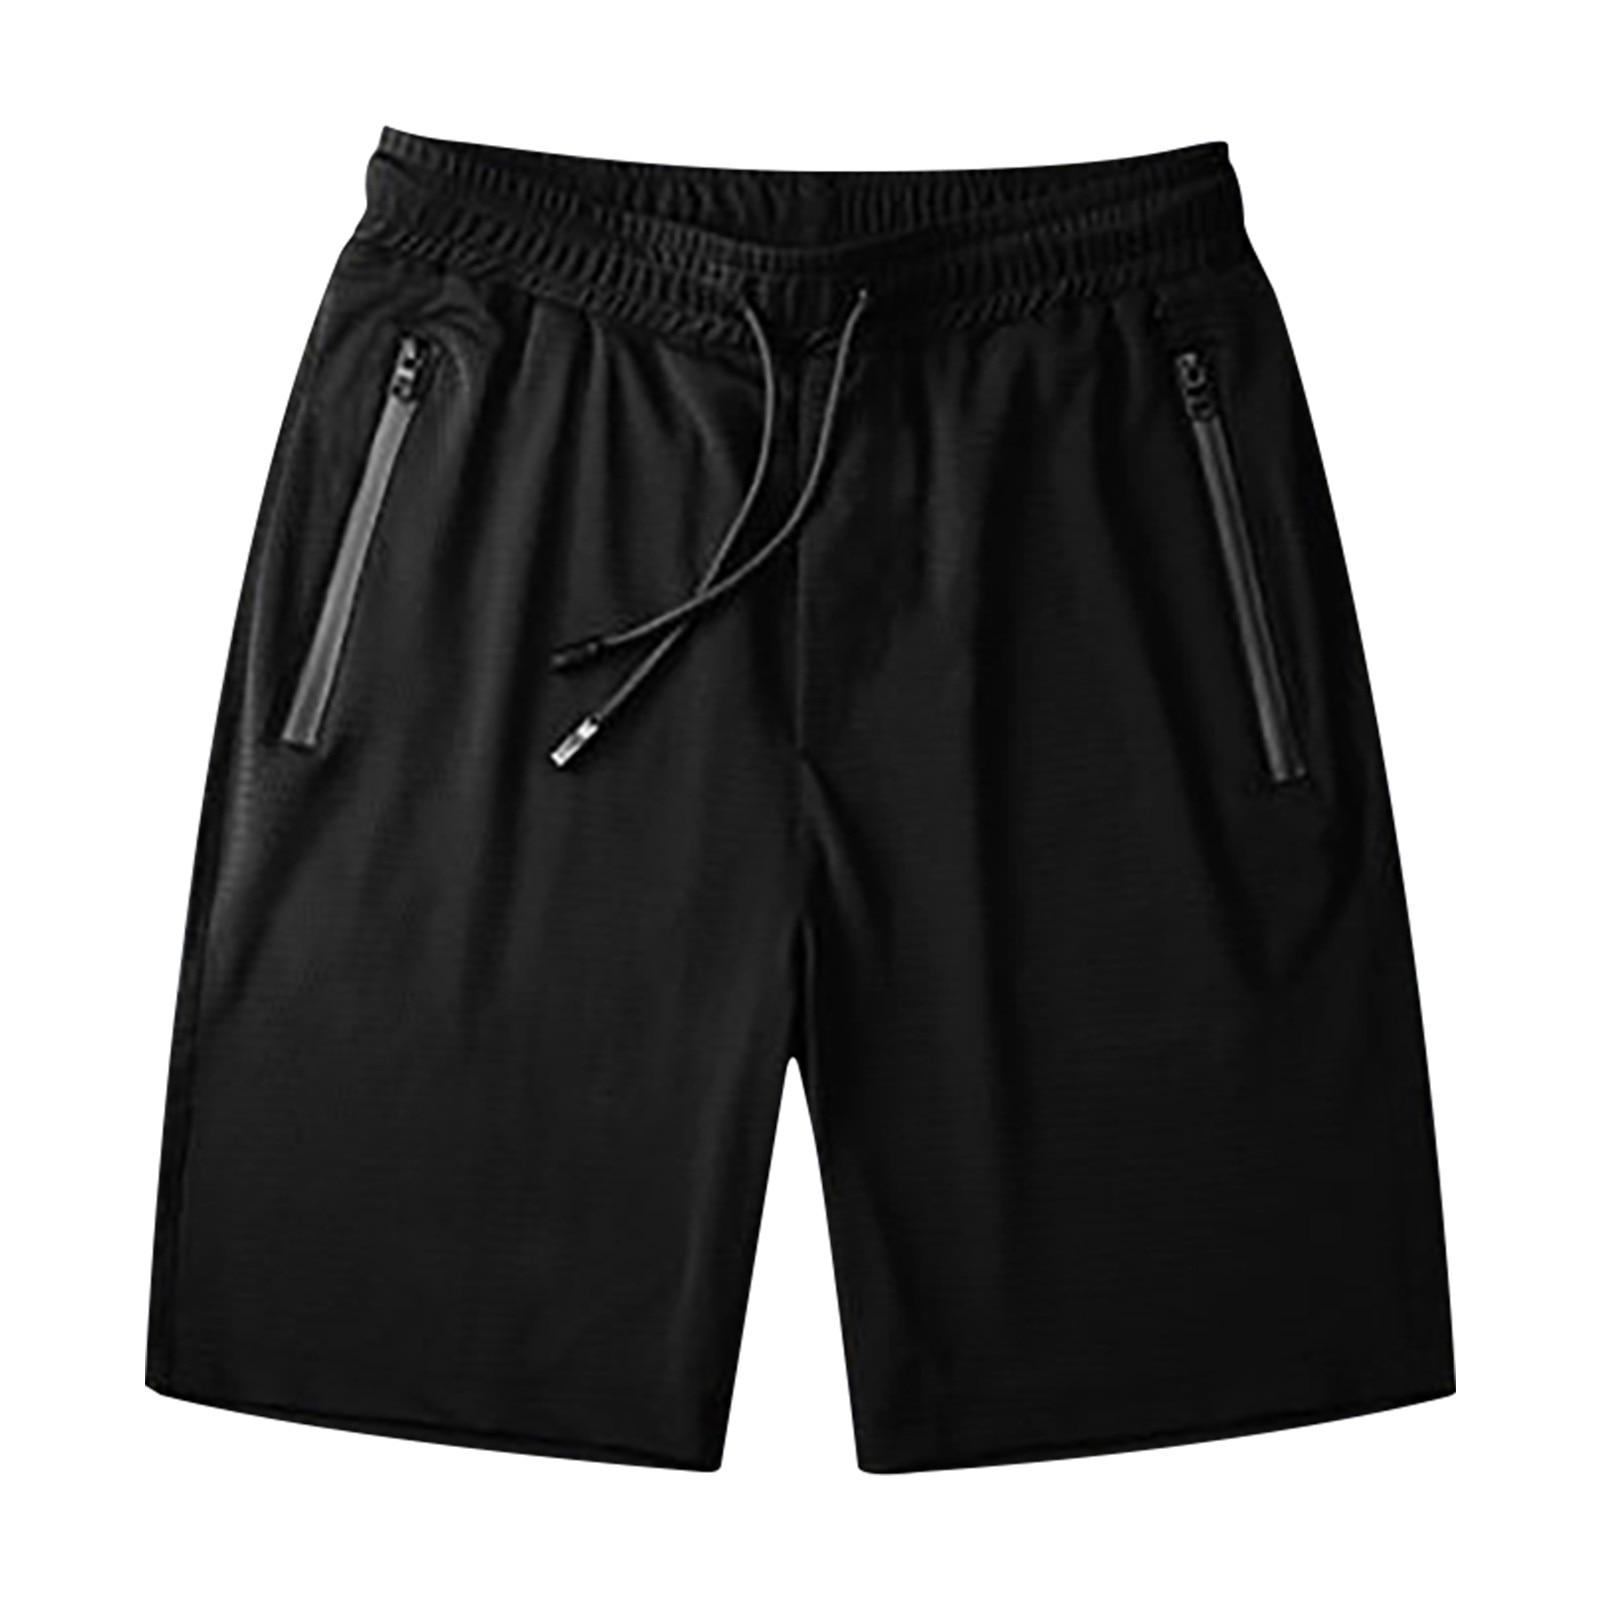 Pantalones Cortos informales para Hombre, De seda De hielo, para correr, Yoga,...